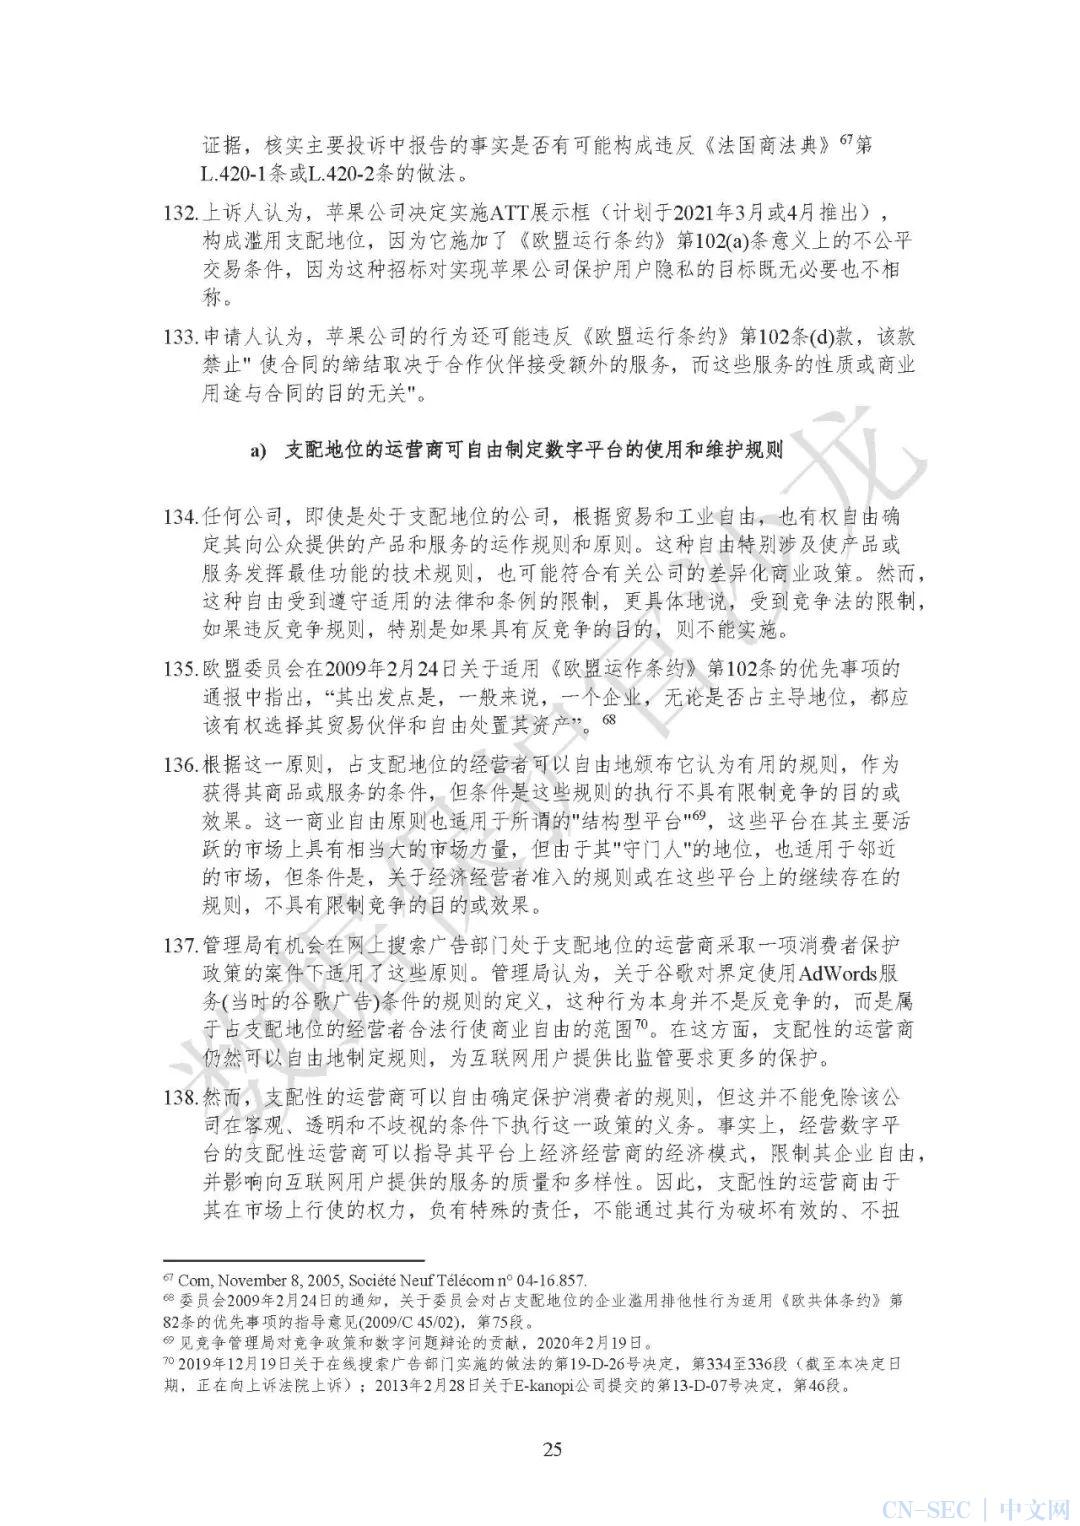 法国竞争管理局对苹果iOS限制APP追踪措施的初步决定全文翻译(下篇)